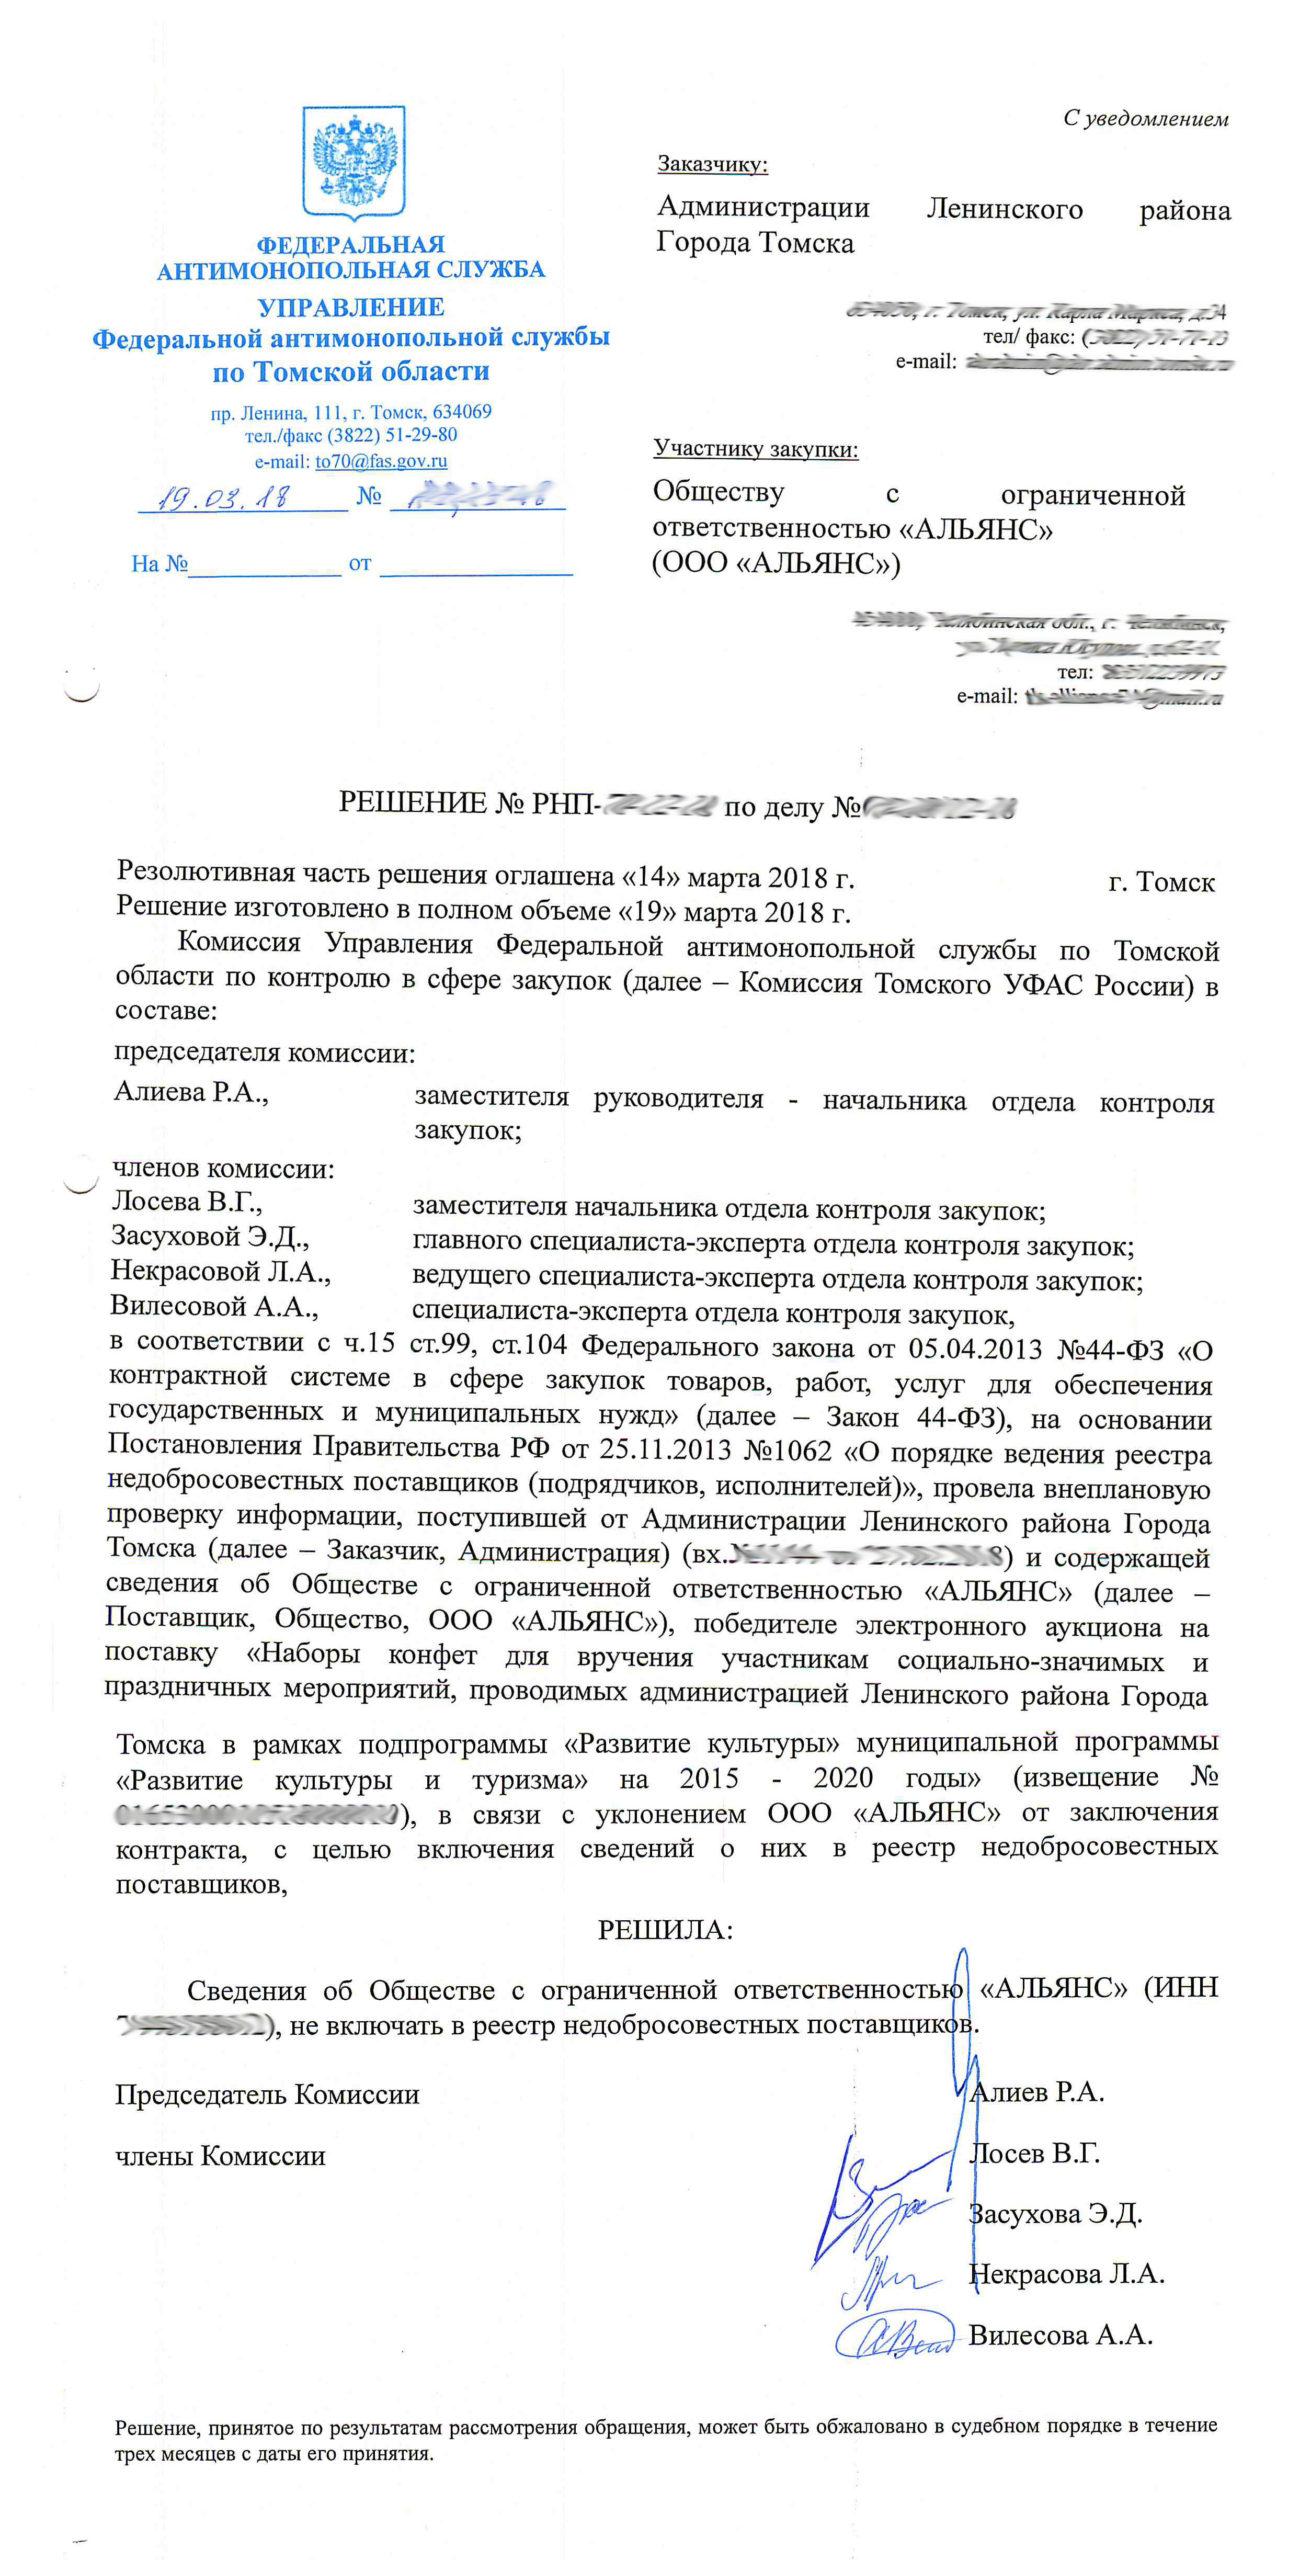 УФАС по Томской области АЛЬЯНС решение